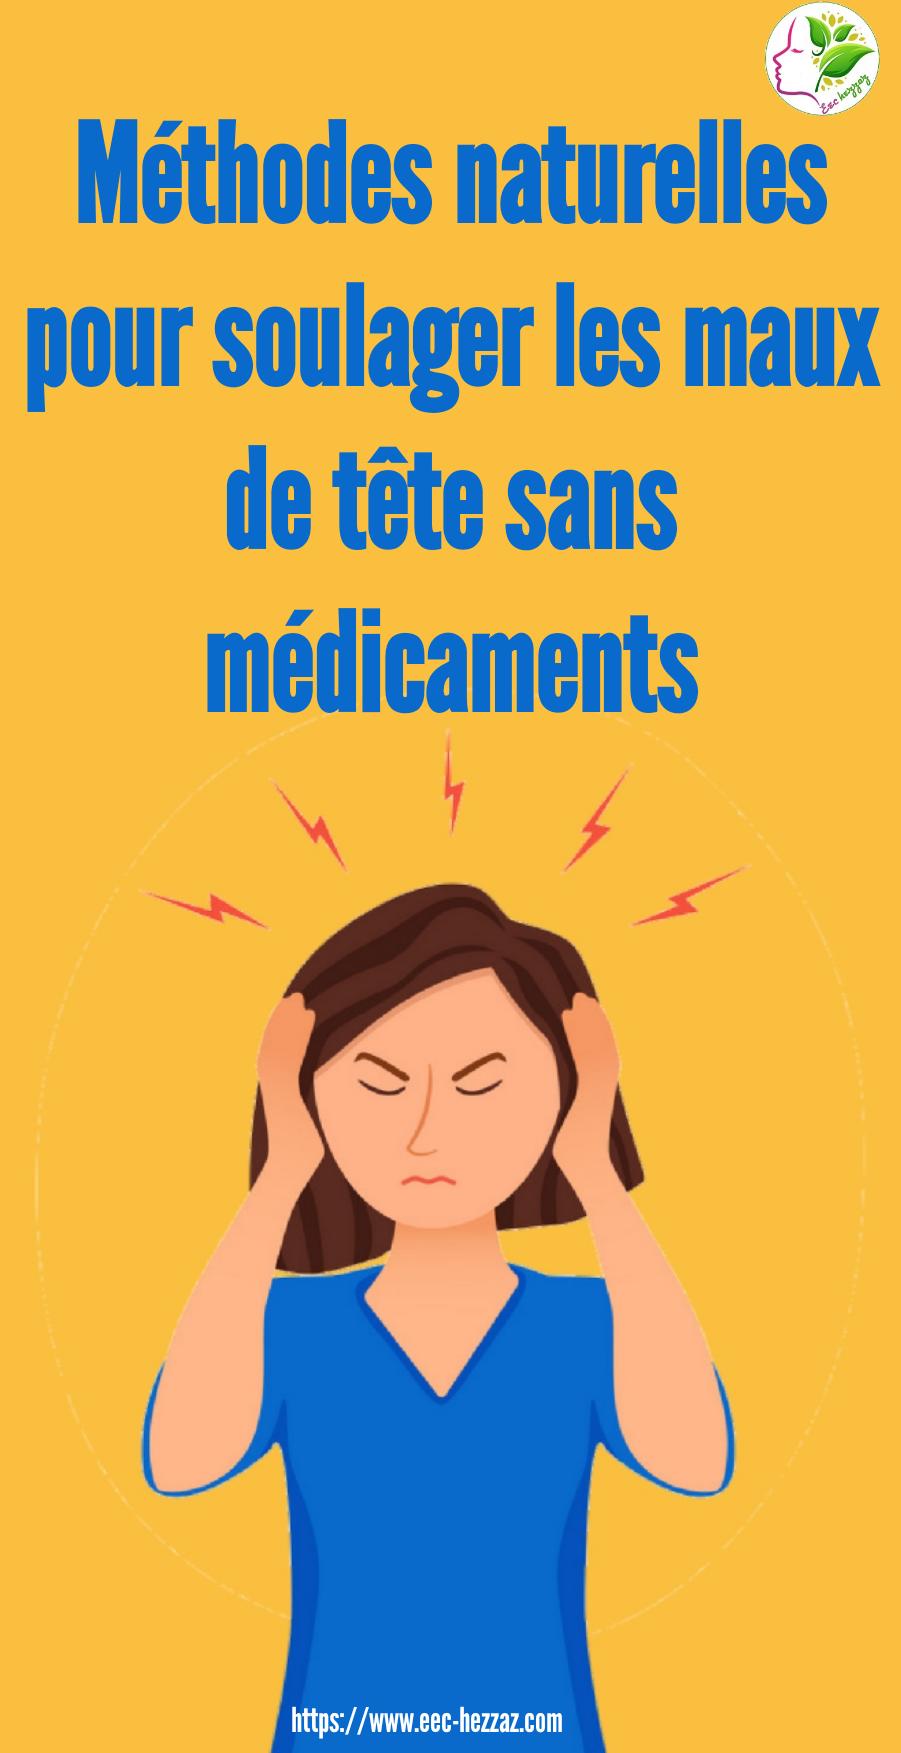 Méthodes naturelles pour soulager les maux de tête sans médicaments